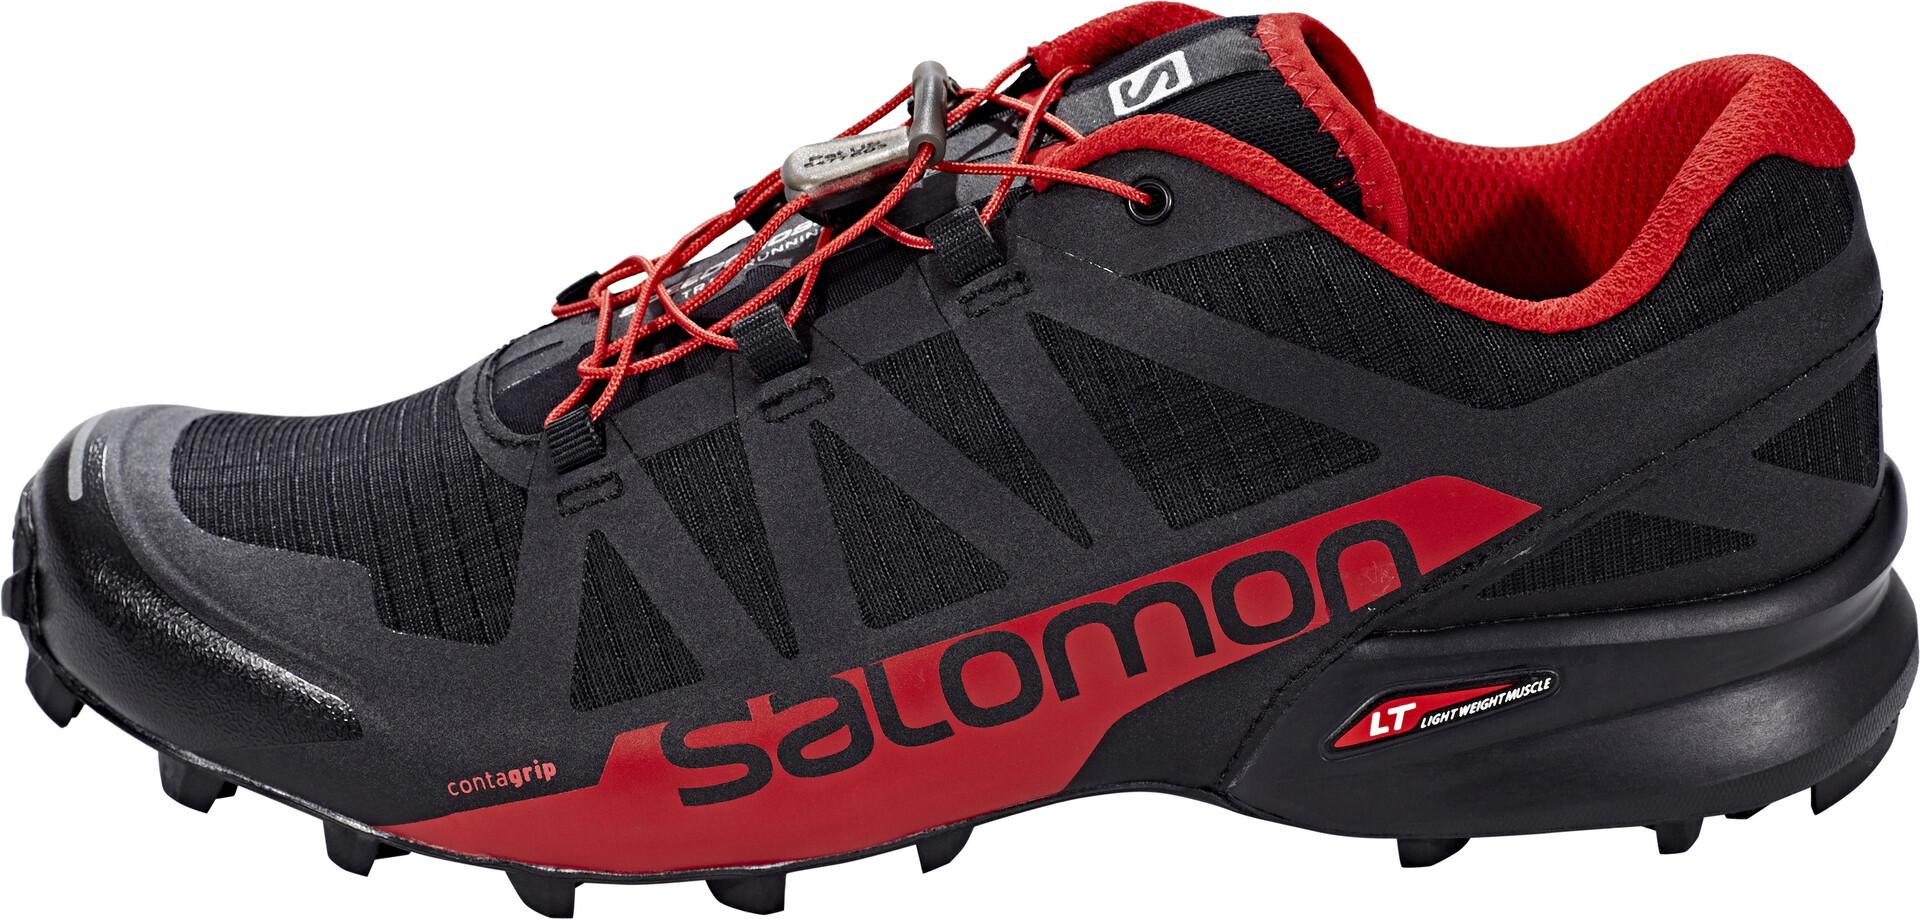 Salomon Rougenoir Chaussures Homme Speedcross 2 Pro Running anqwaYrR